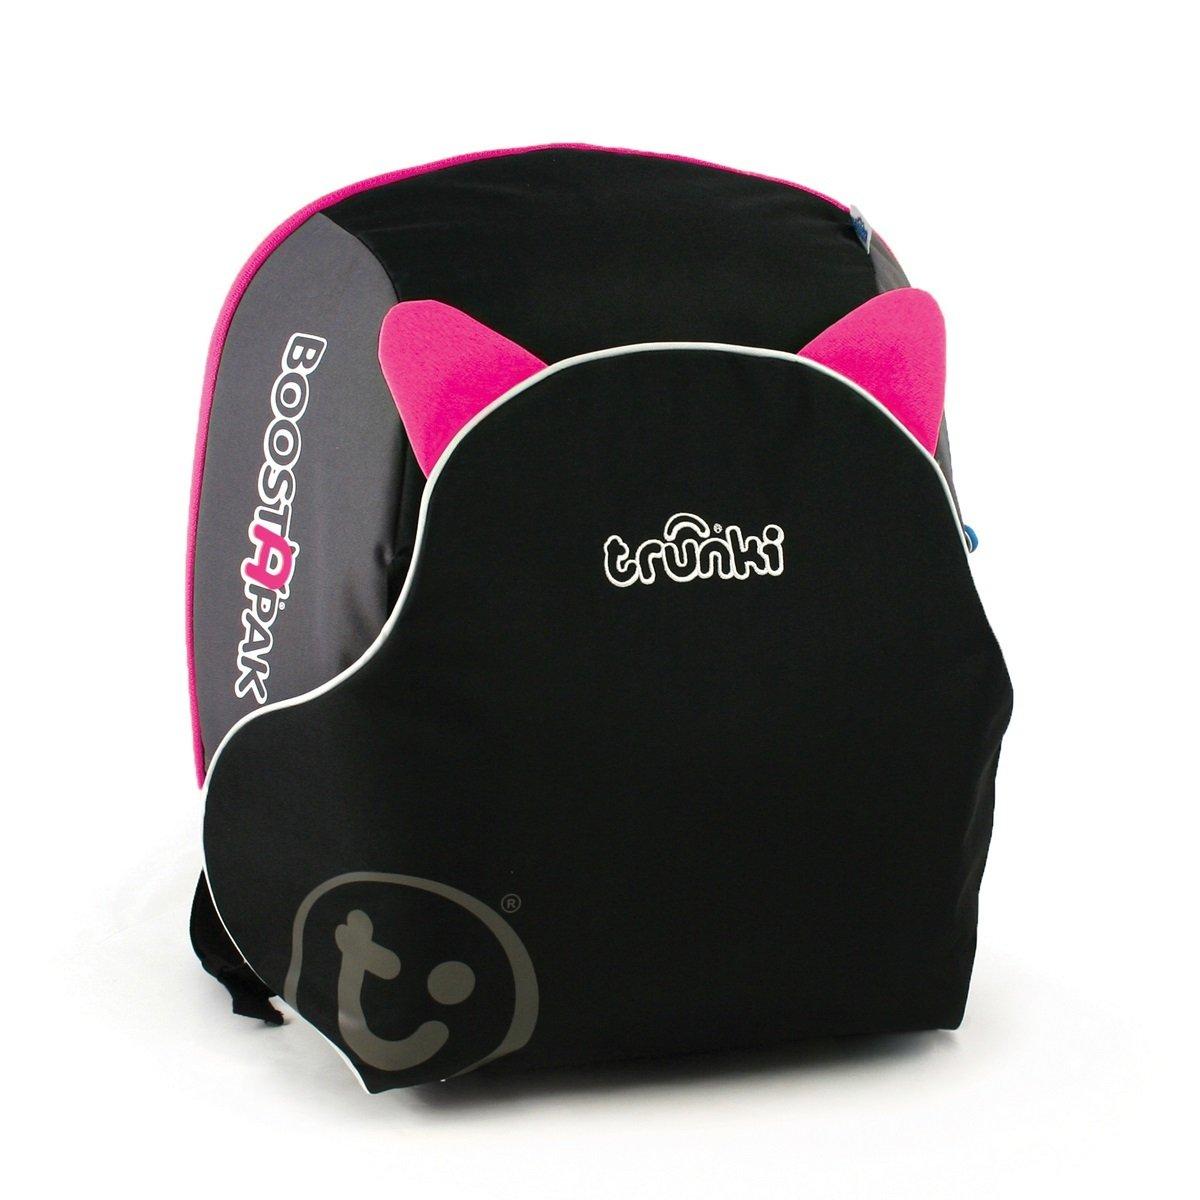 汽車安全座椅與背包 - 粉紅色